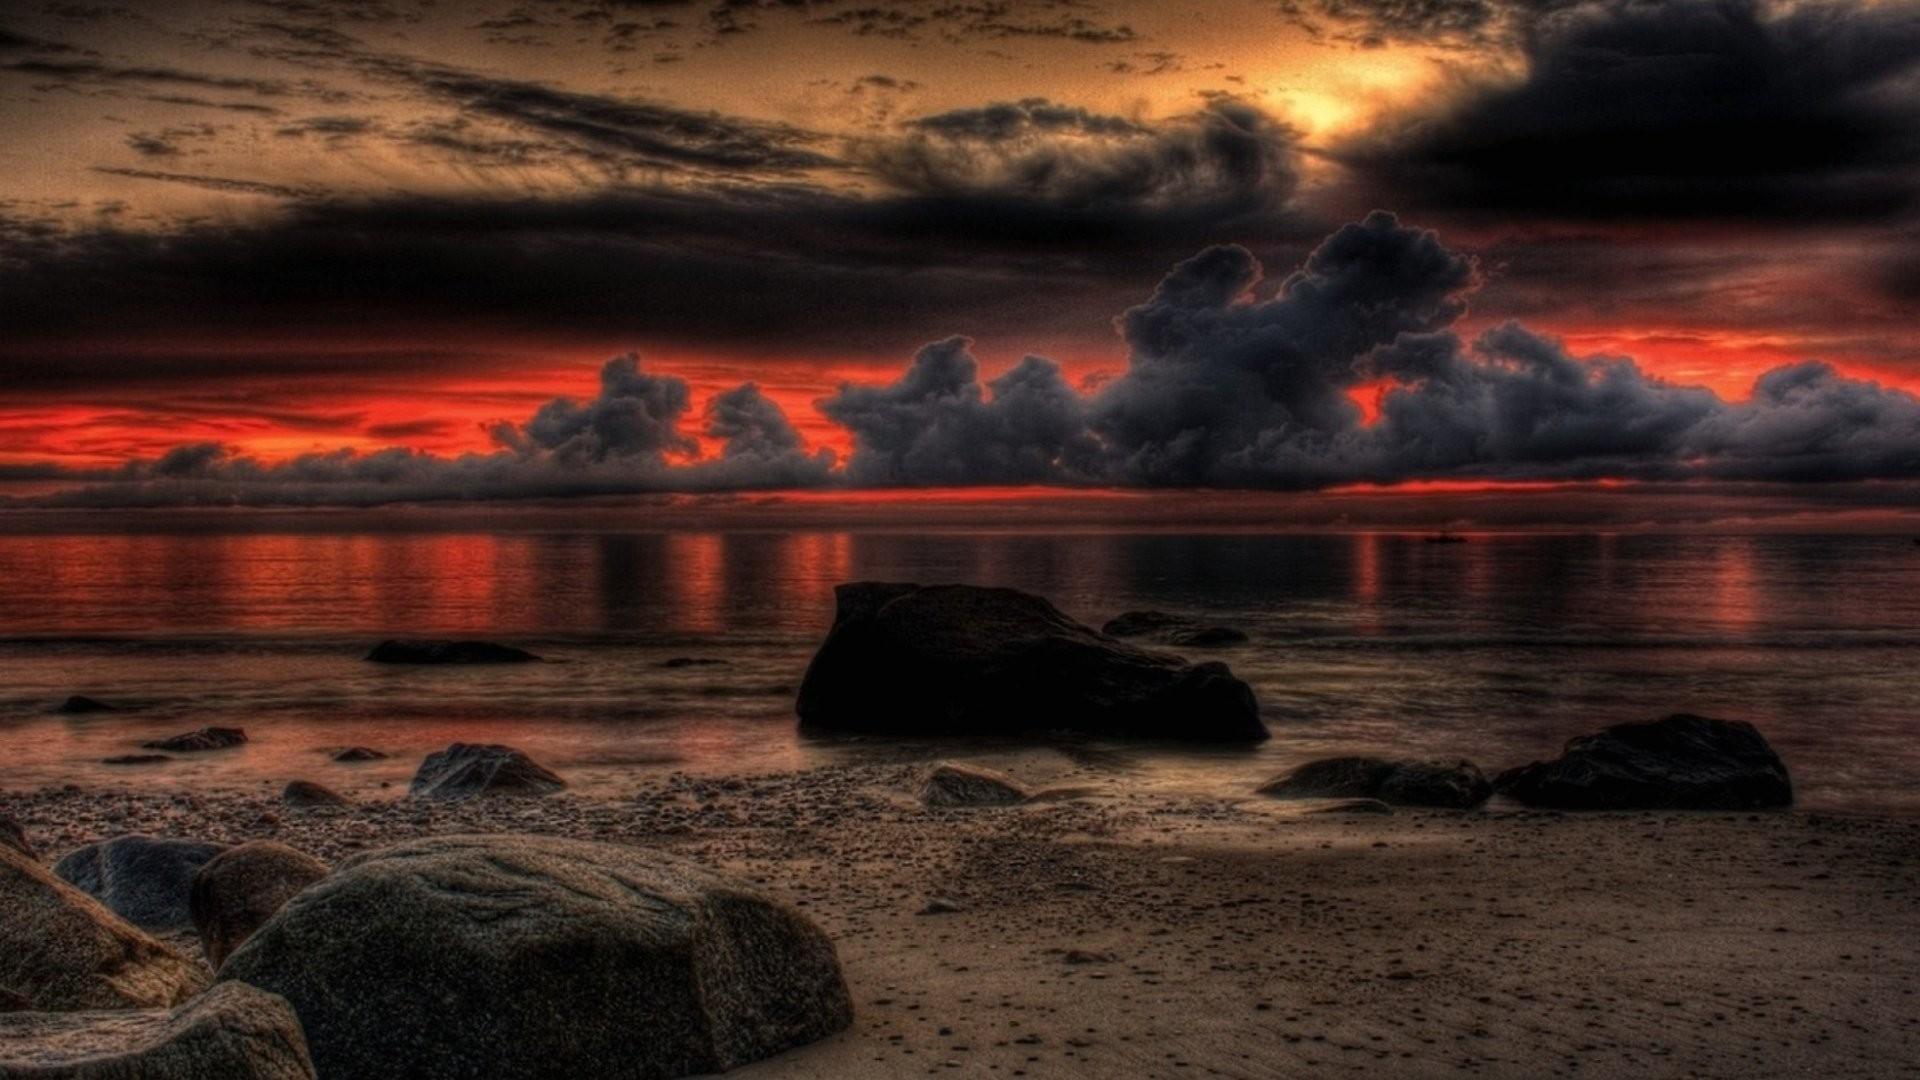 Res: 1920x1080, Wallpaper dark sea sunset 1920 x 1080 full hd